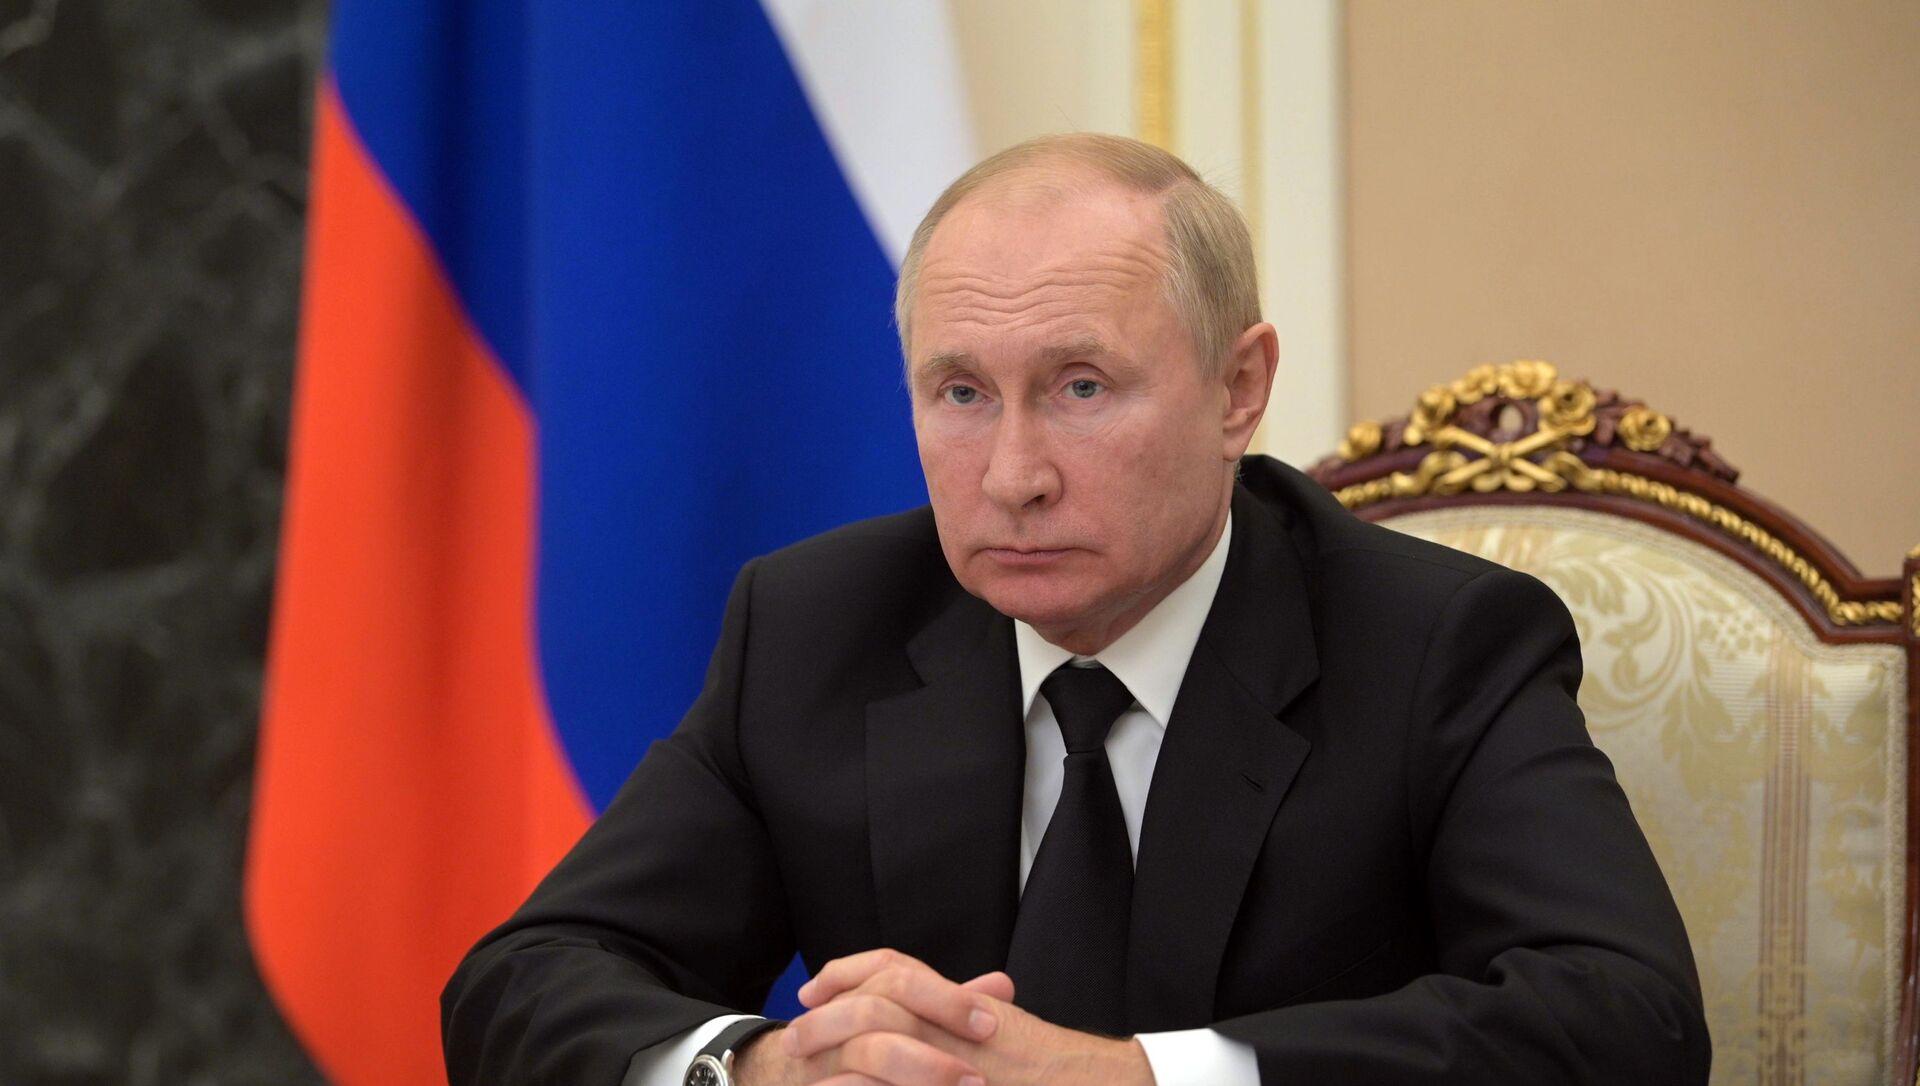 Президент РФ В. Путин провел заседание Совета по развитию физической культуры и спорта - Sputnik Абхазия, 1920, 20.09.2021